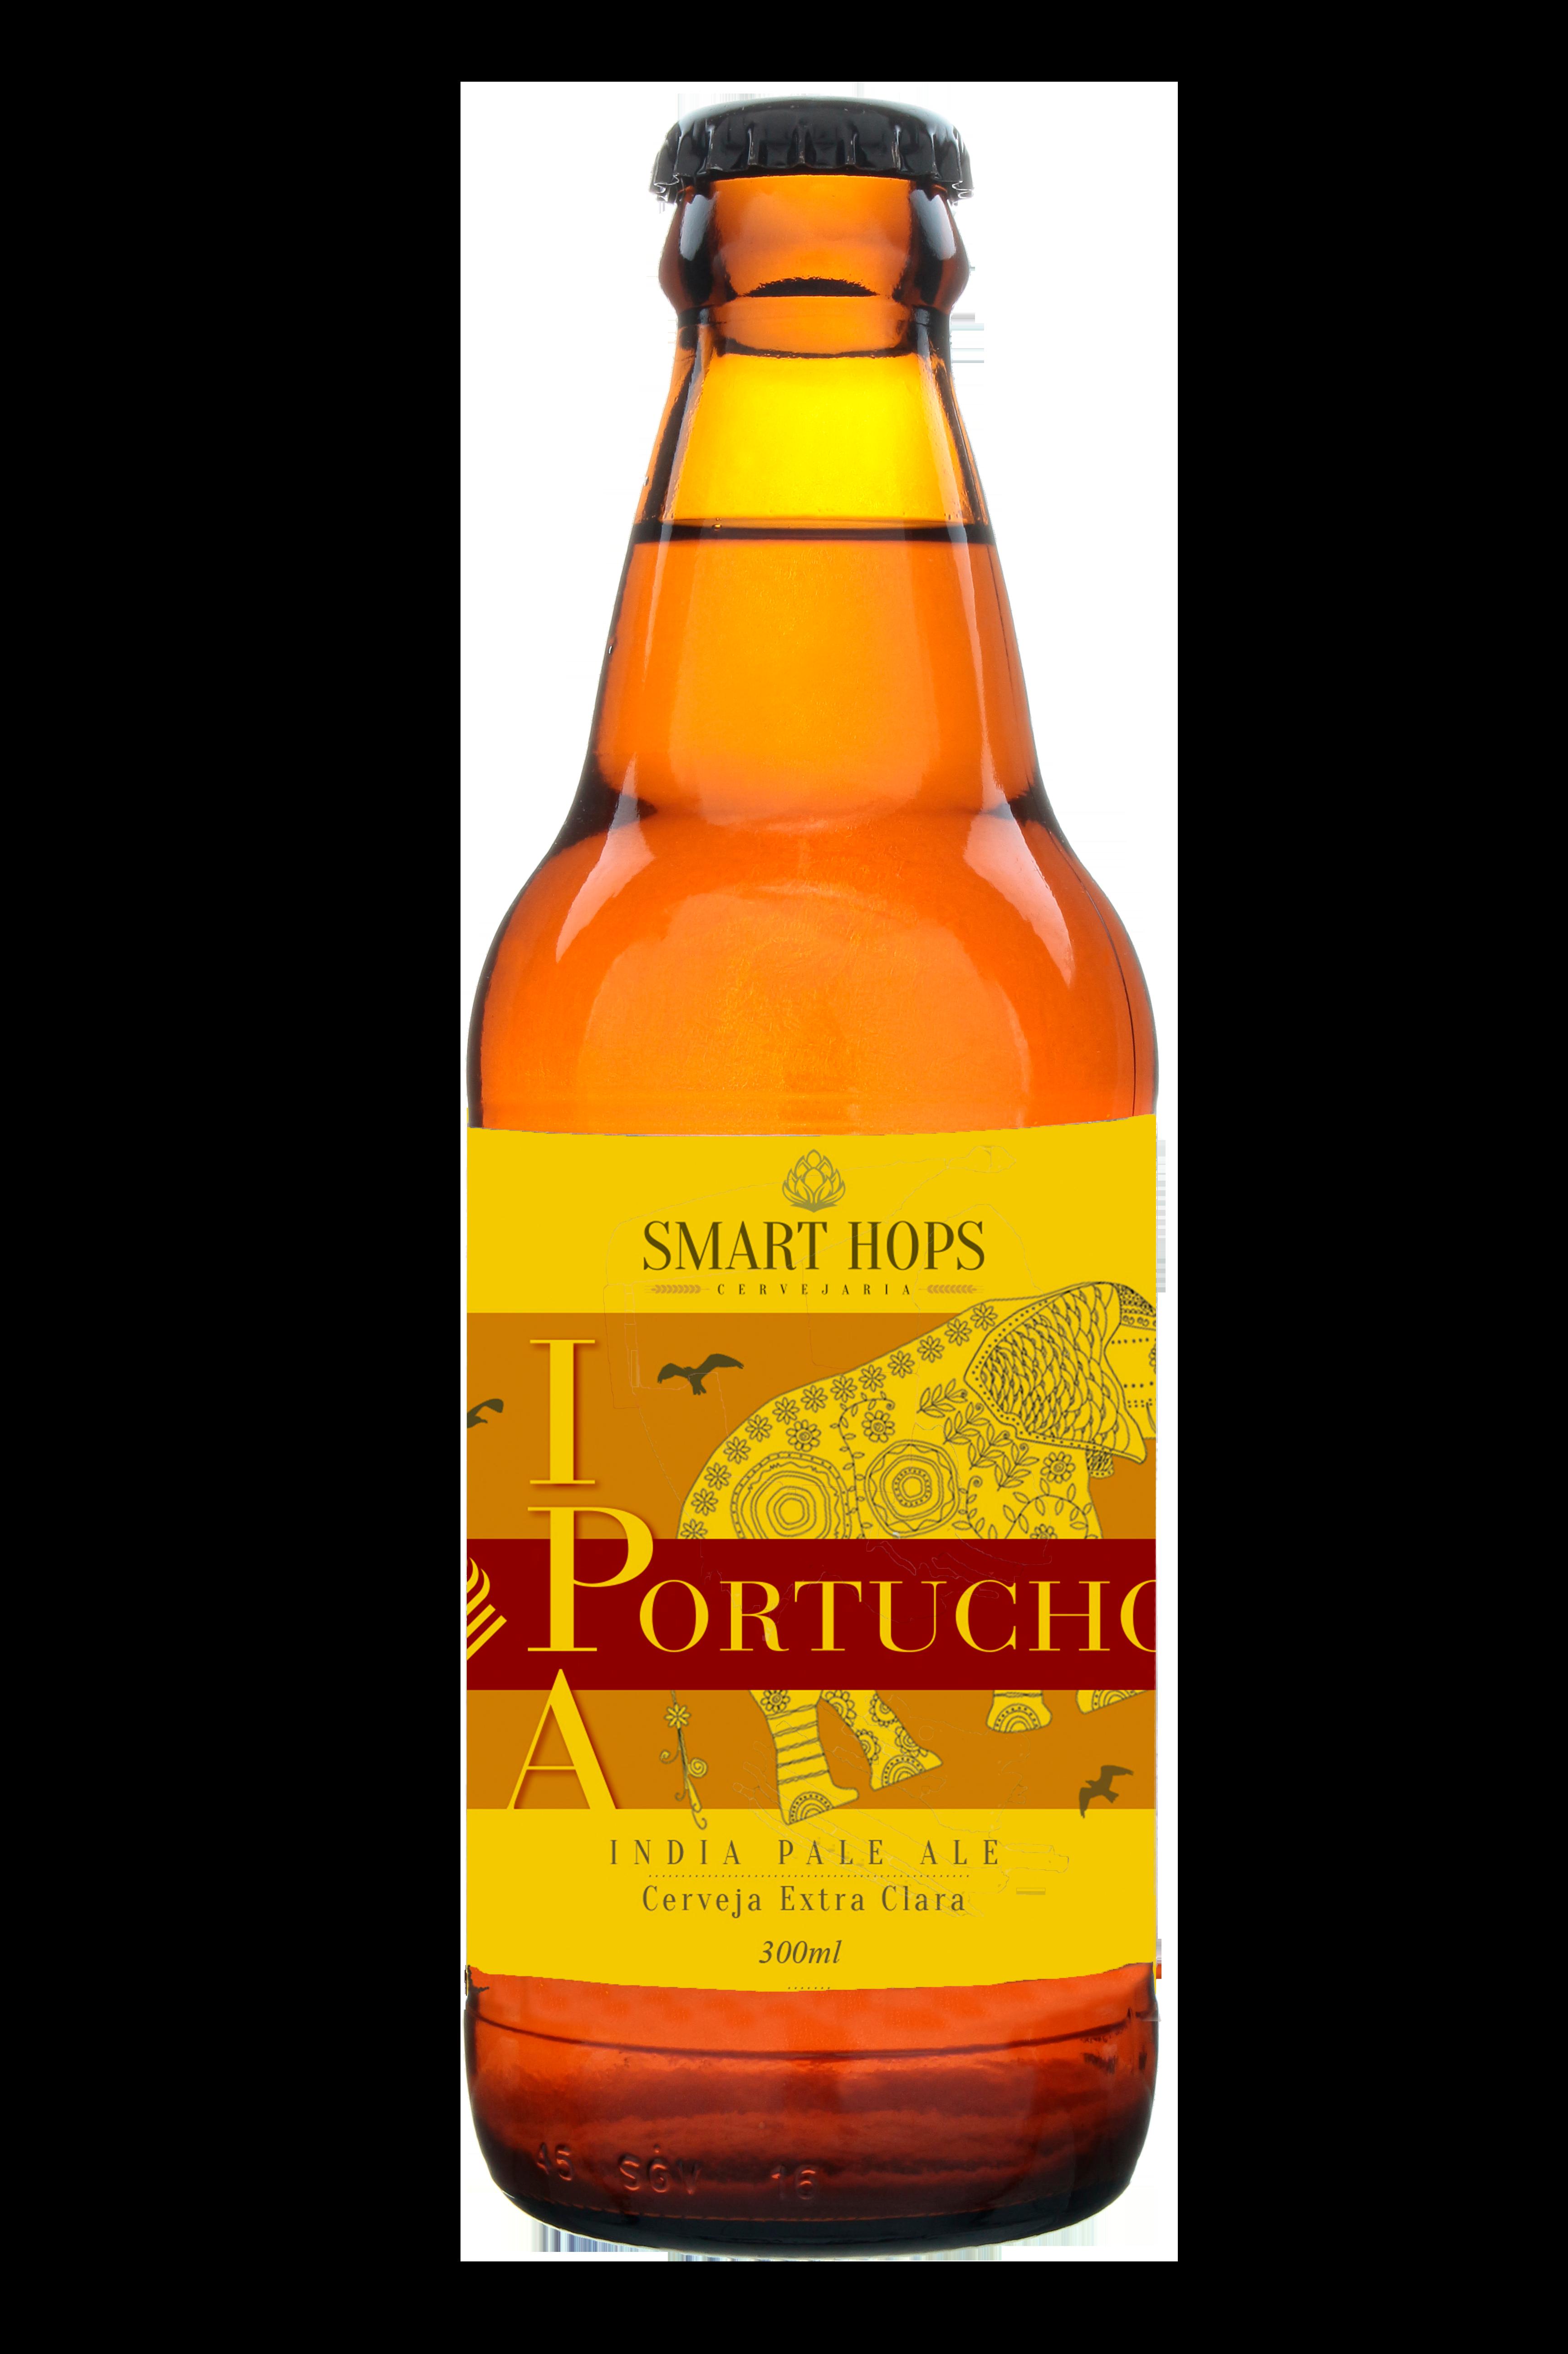 Smart Hops IPA Portucho